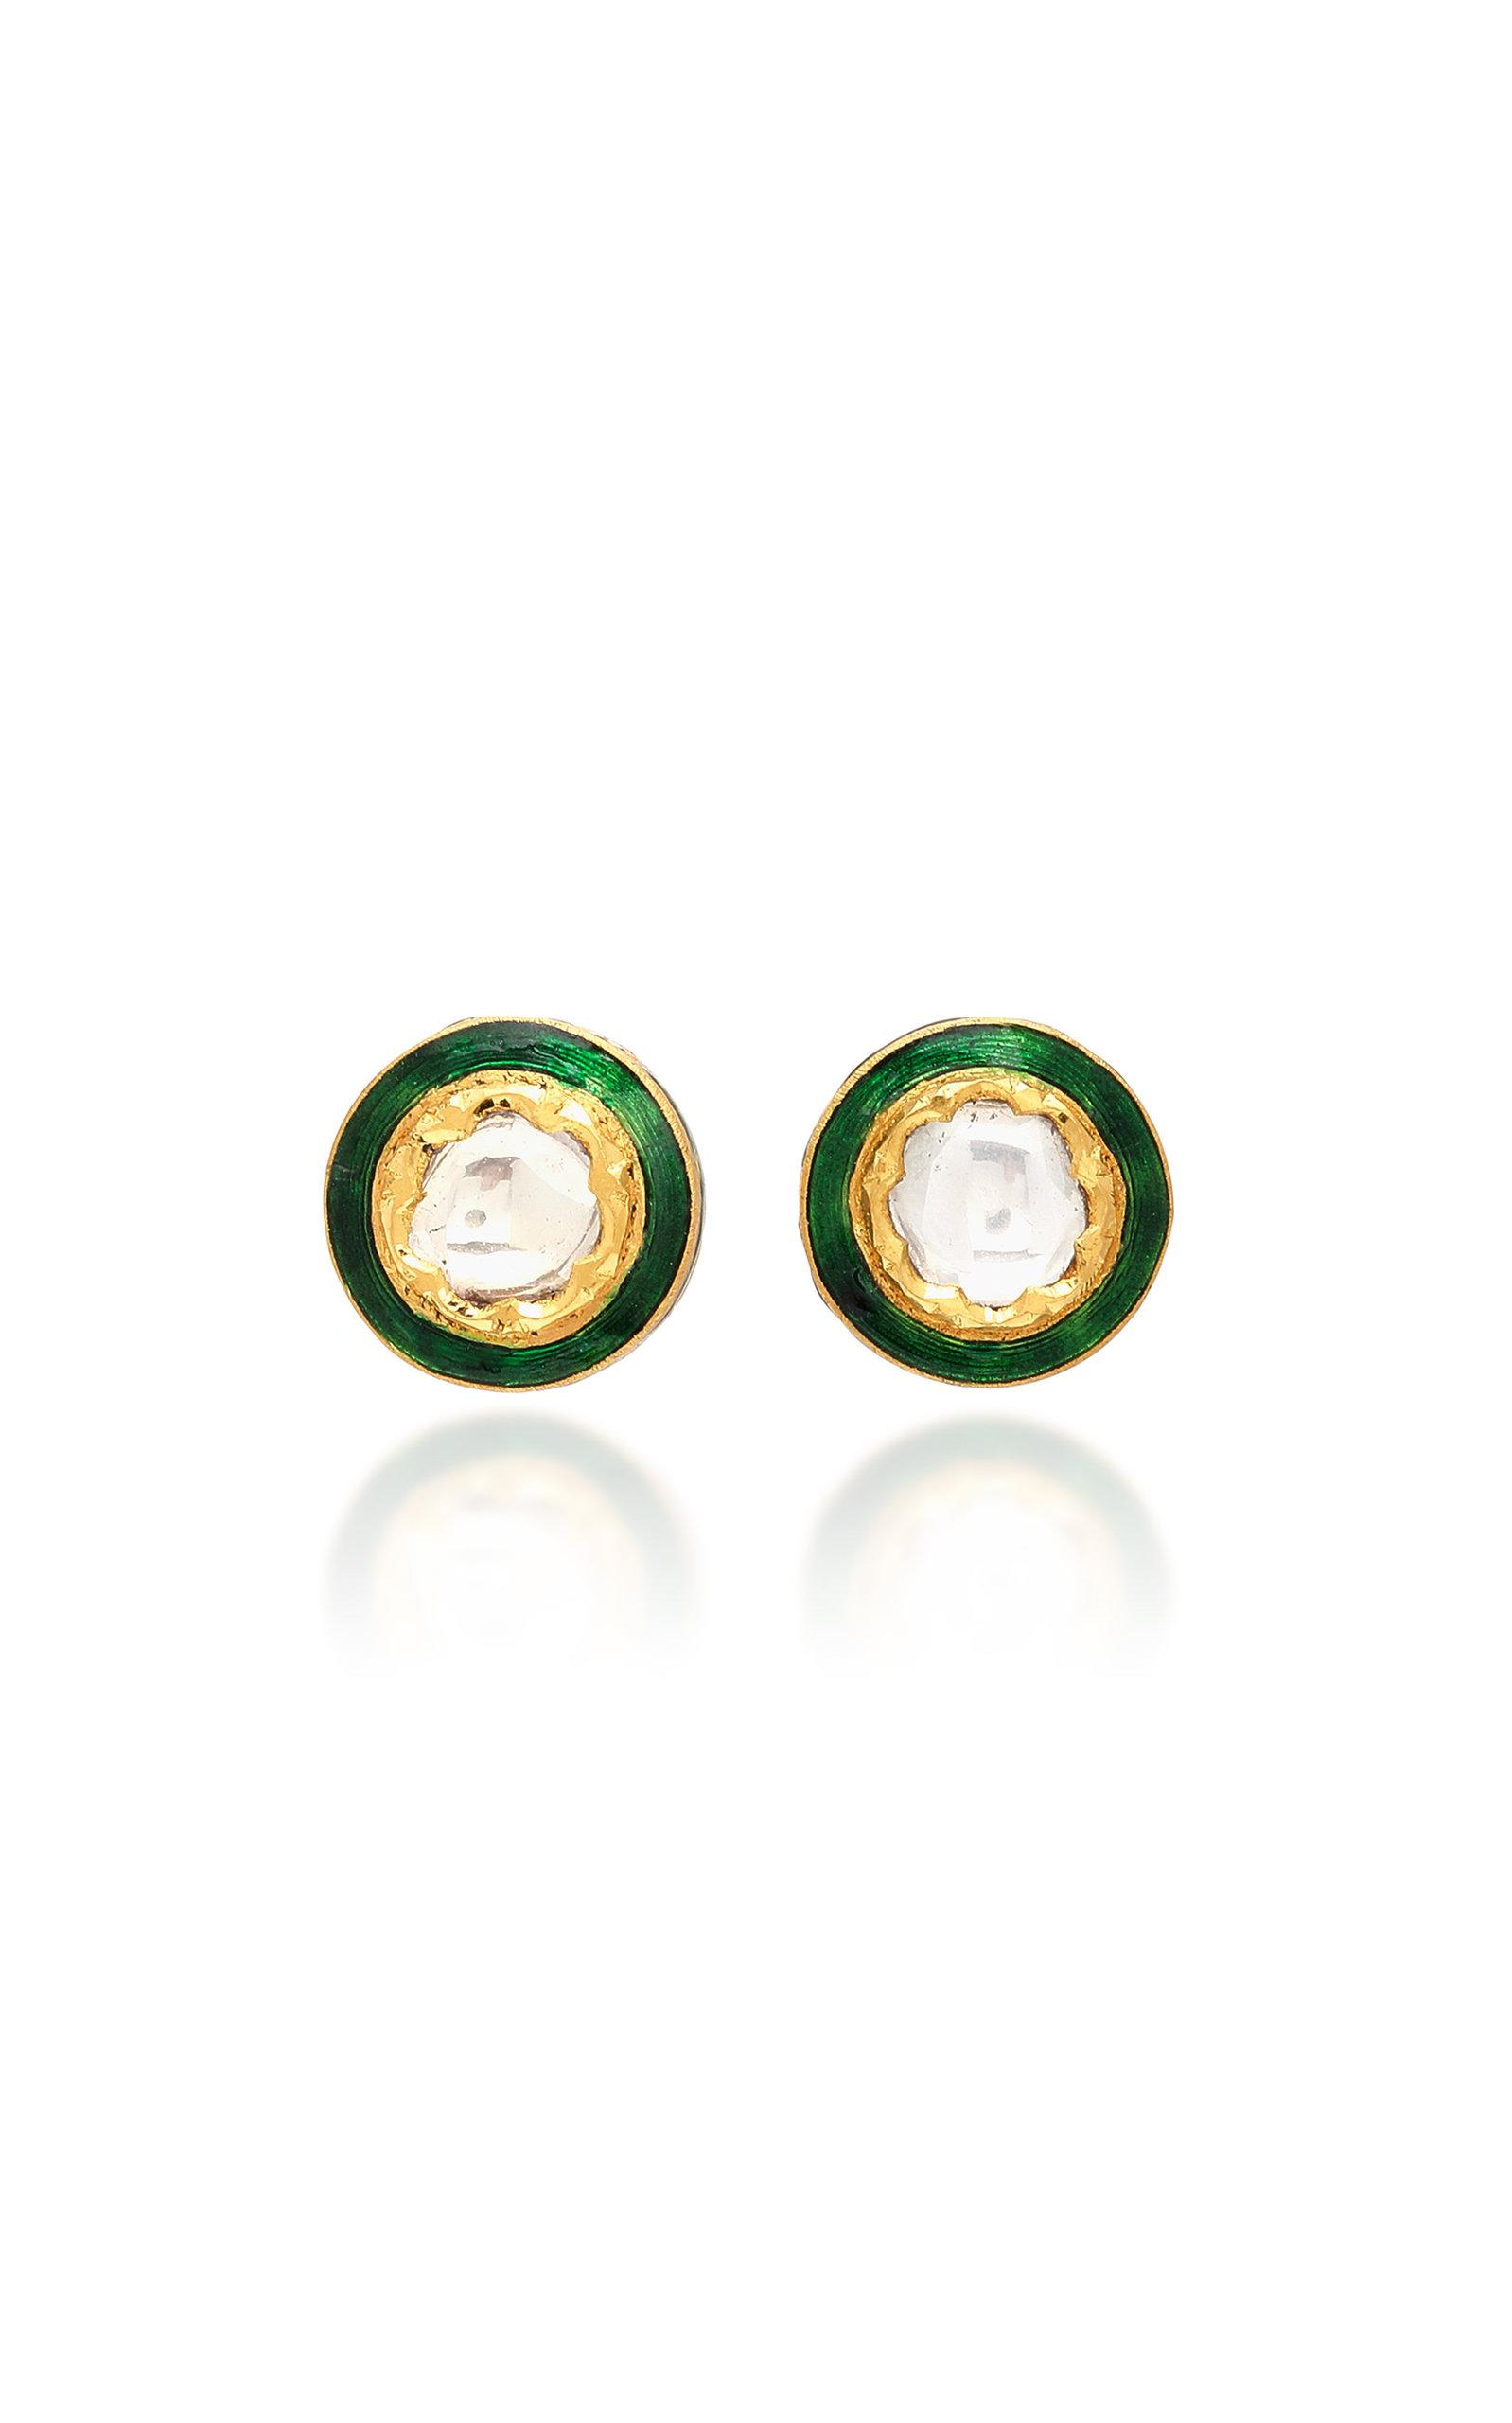 e65fe2cdf 22K Gold Diamond Stud Earrings by Sanjay Kasliwal | Moda Operandi